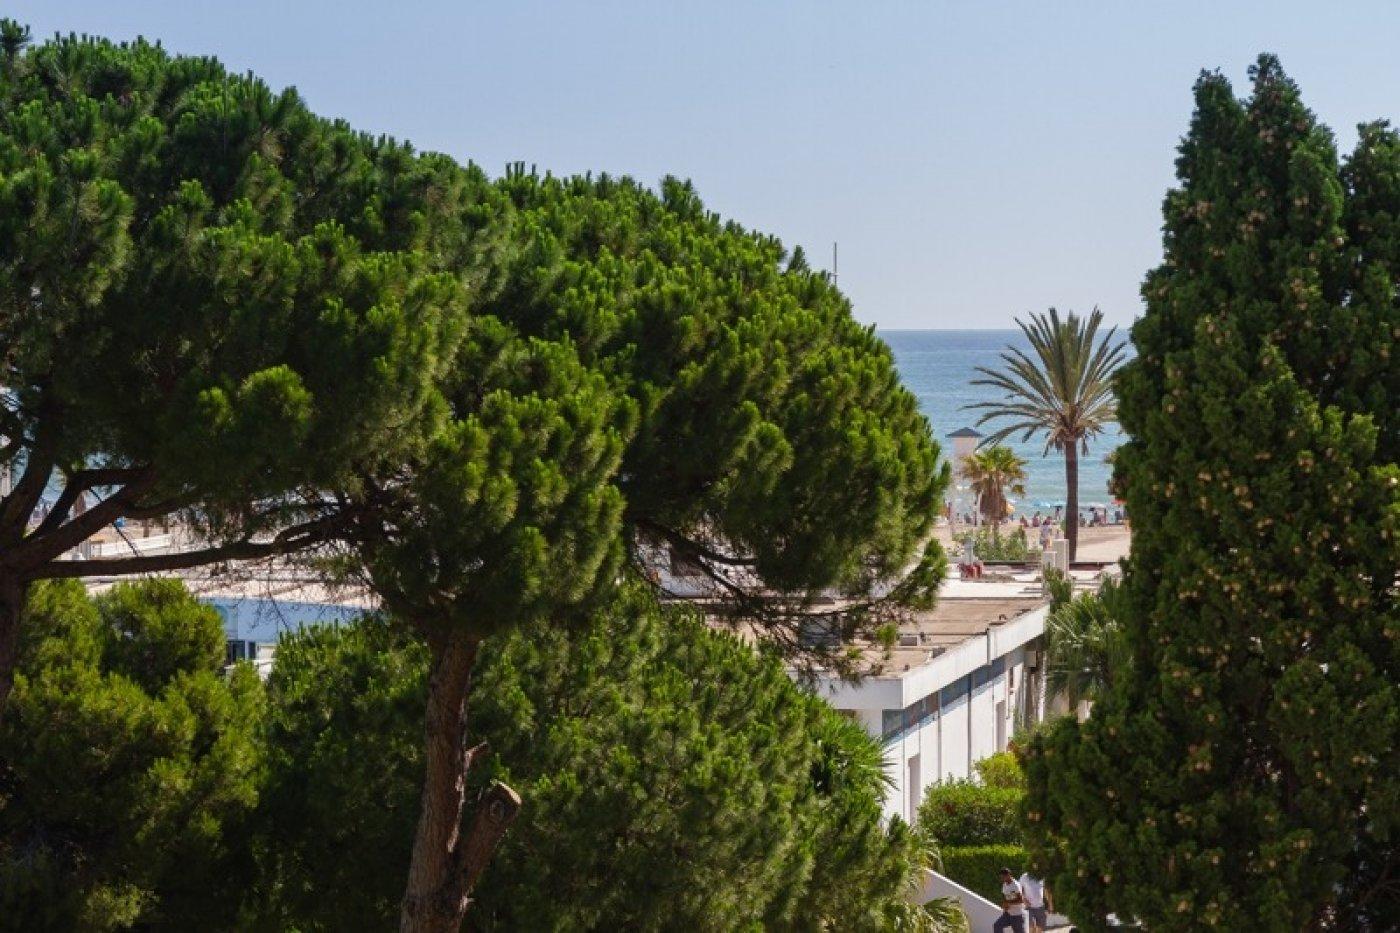 Disfruta de la playa de gandia a un paso de tu casa - imagenInmueble19